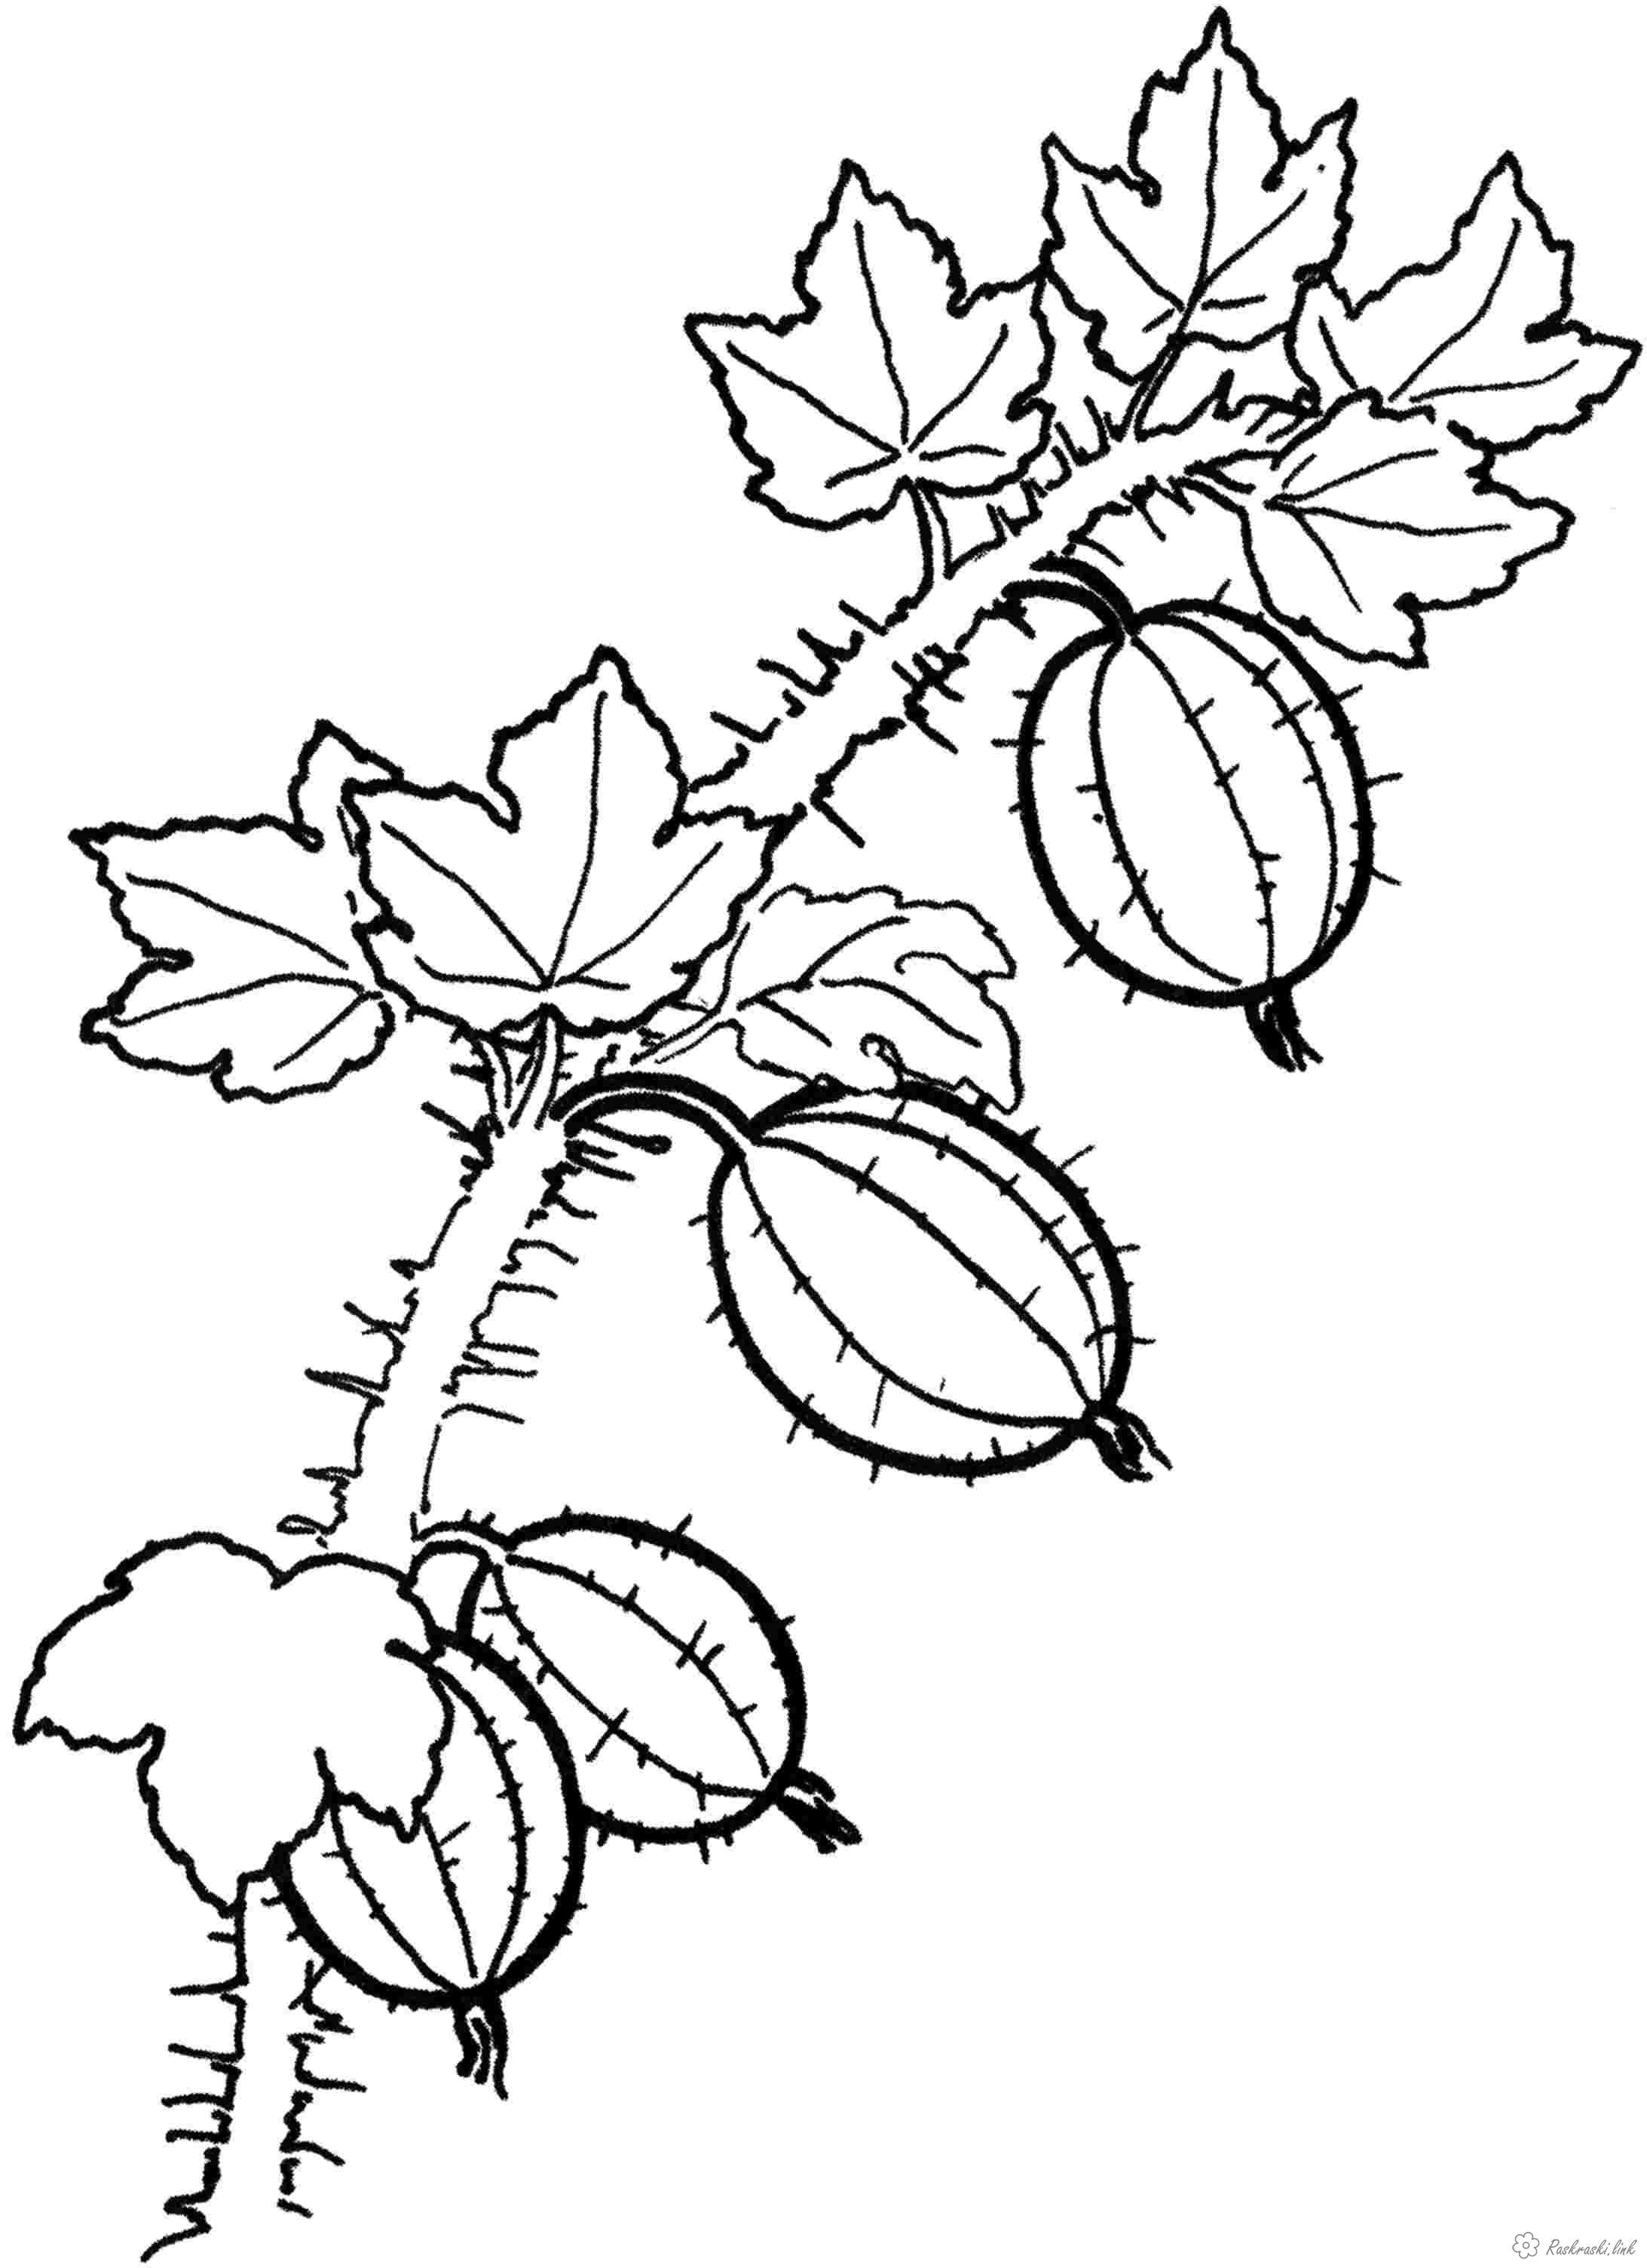 Coloring Berries кисло-сладкие, ягоды, крыжовник, раскраска детская